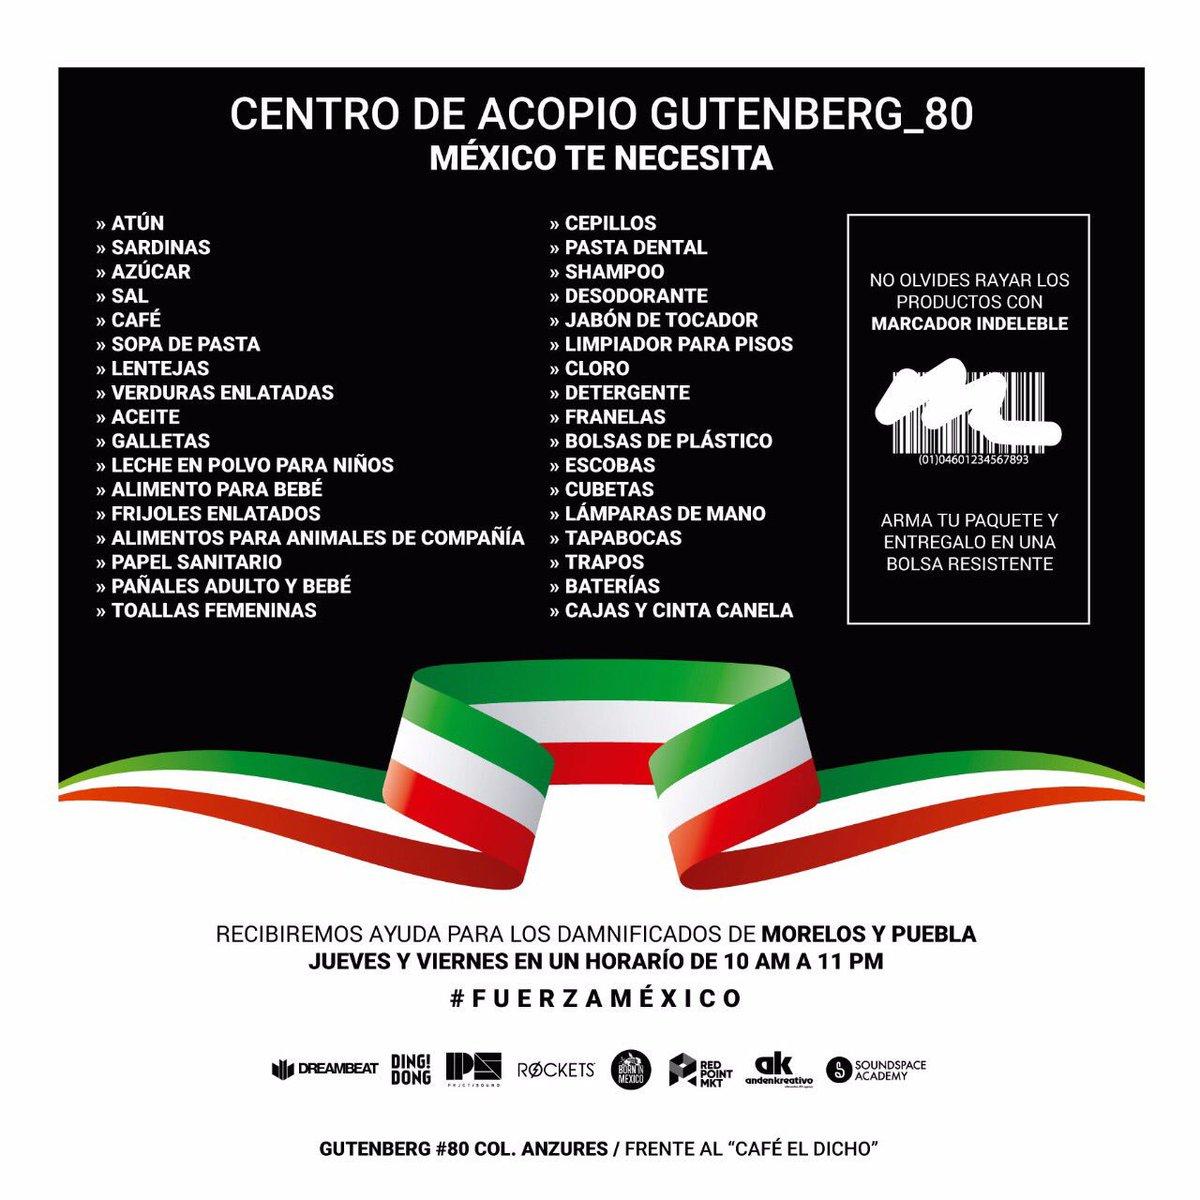 Lujoso Reanudar Plantilla De Carta De Rechazo Elaboración - Ejemplo ...